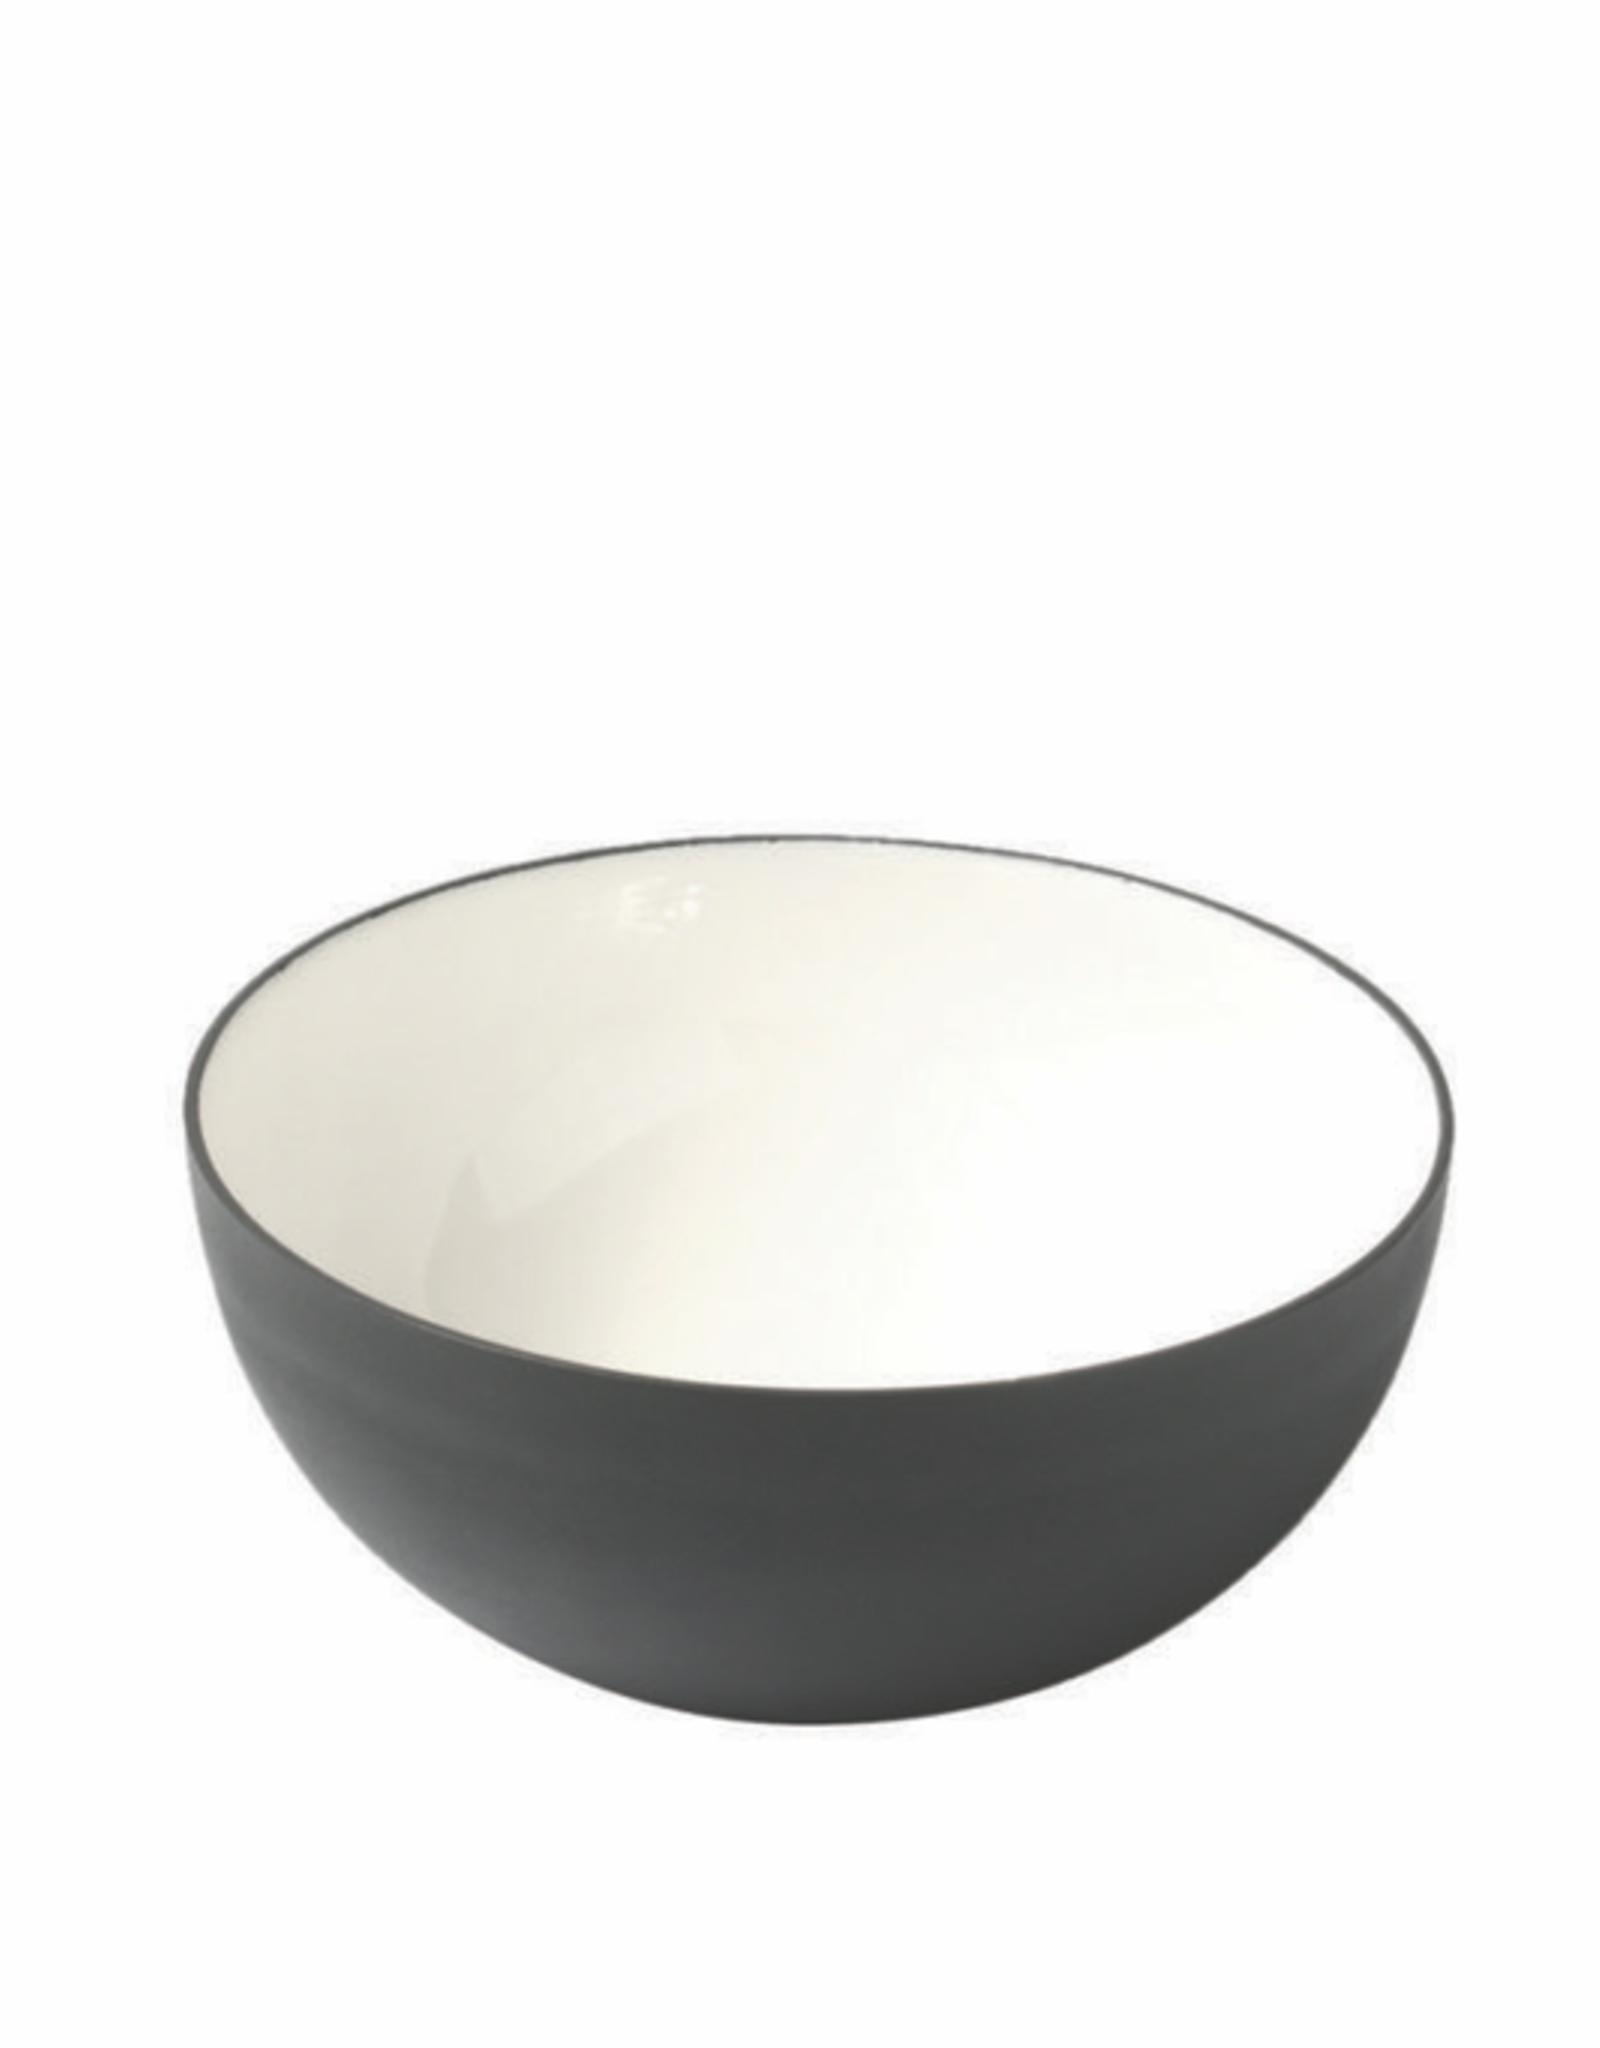 Small Enamel Bowl